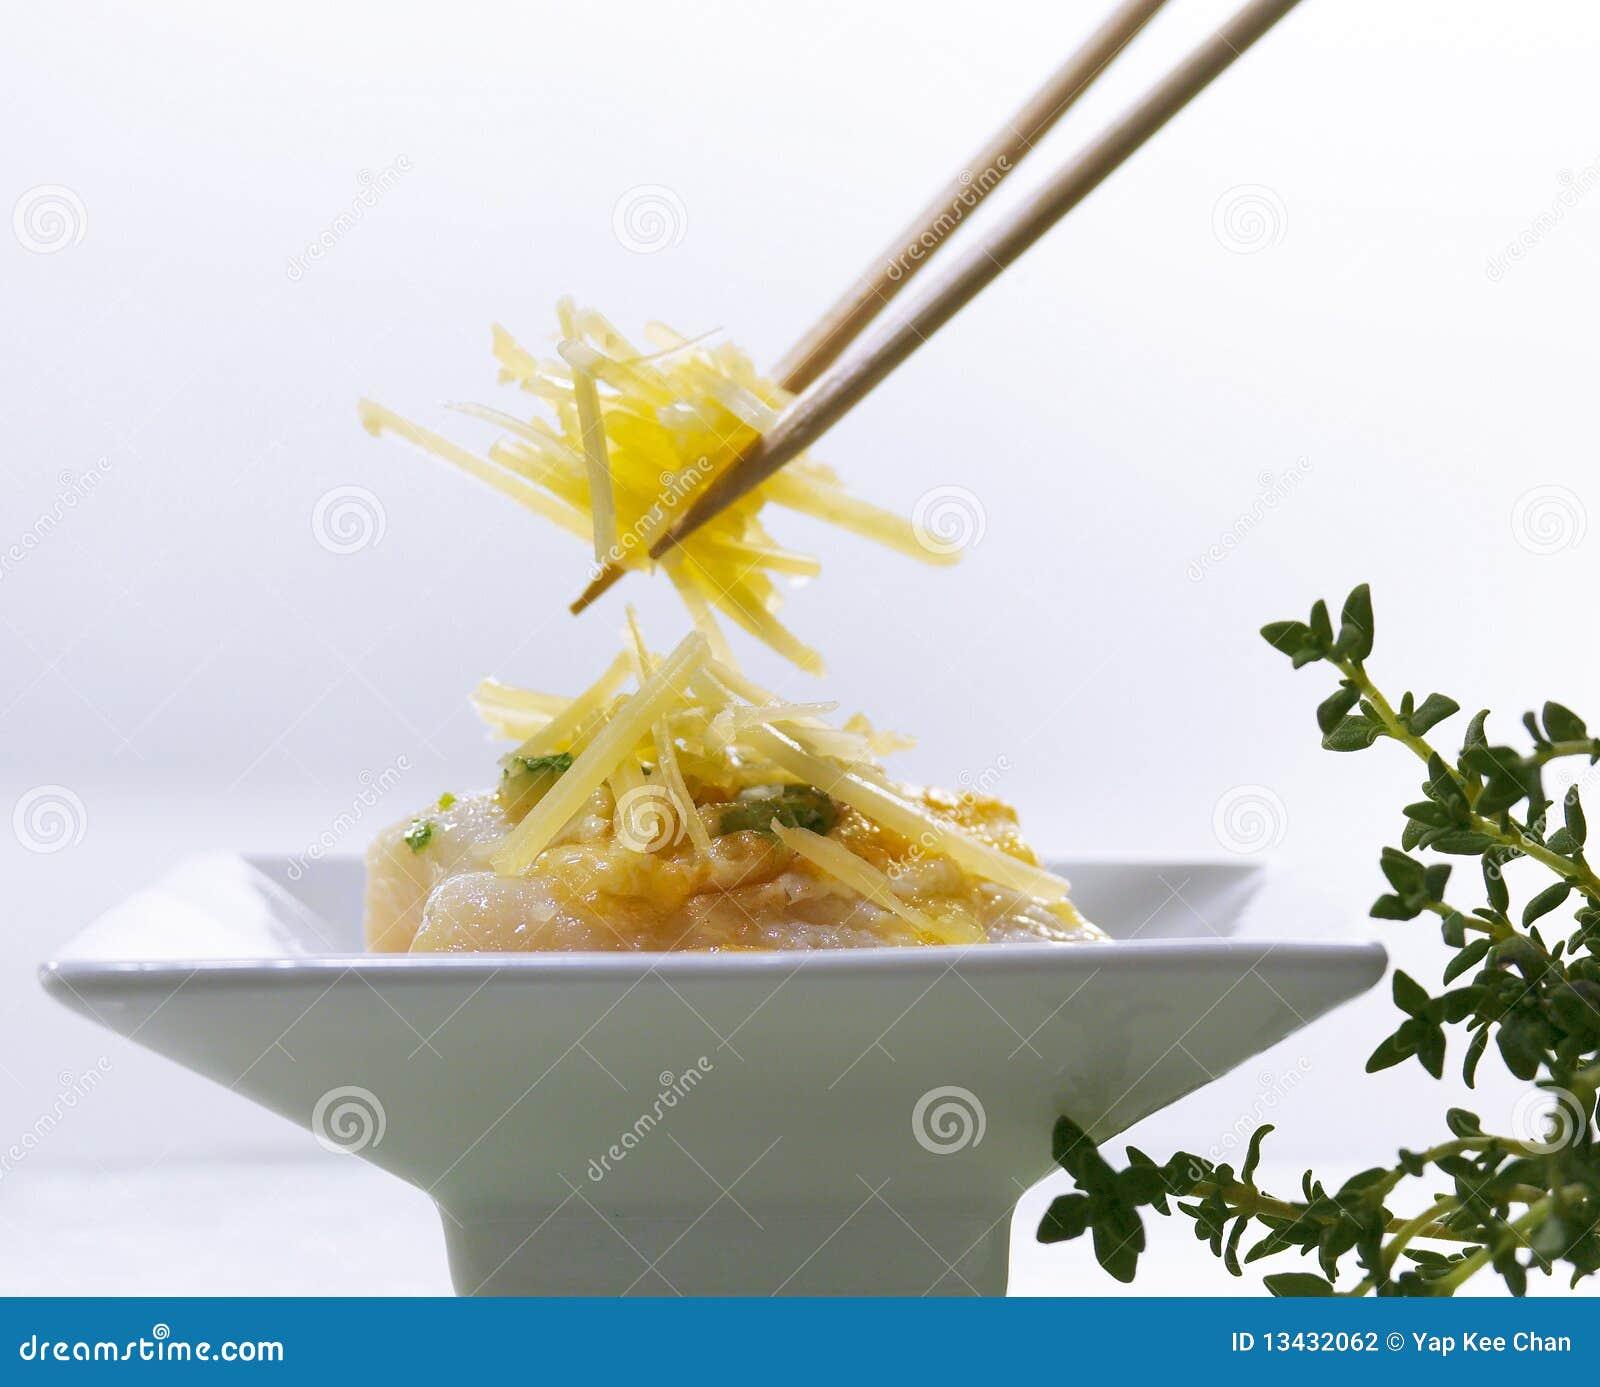 Bean sprout noodles